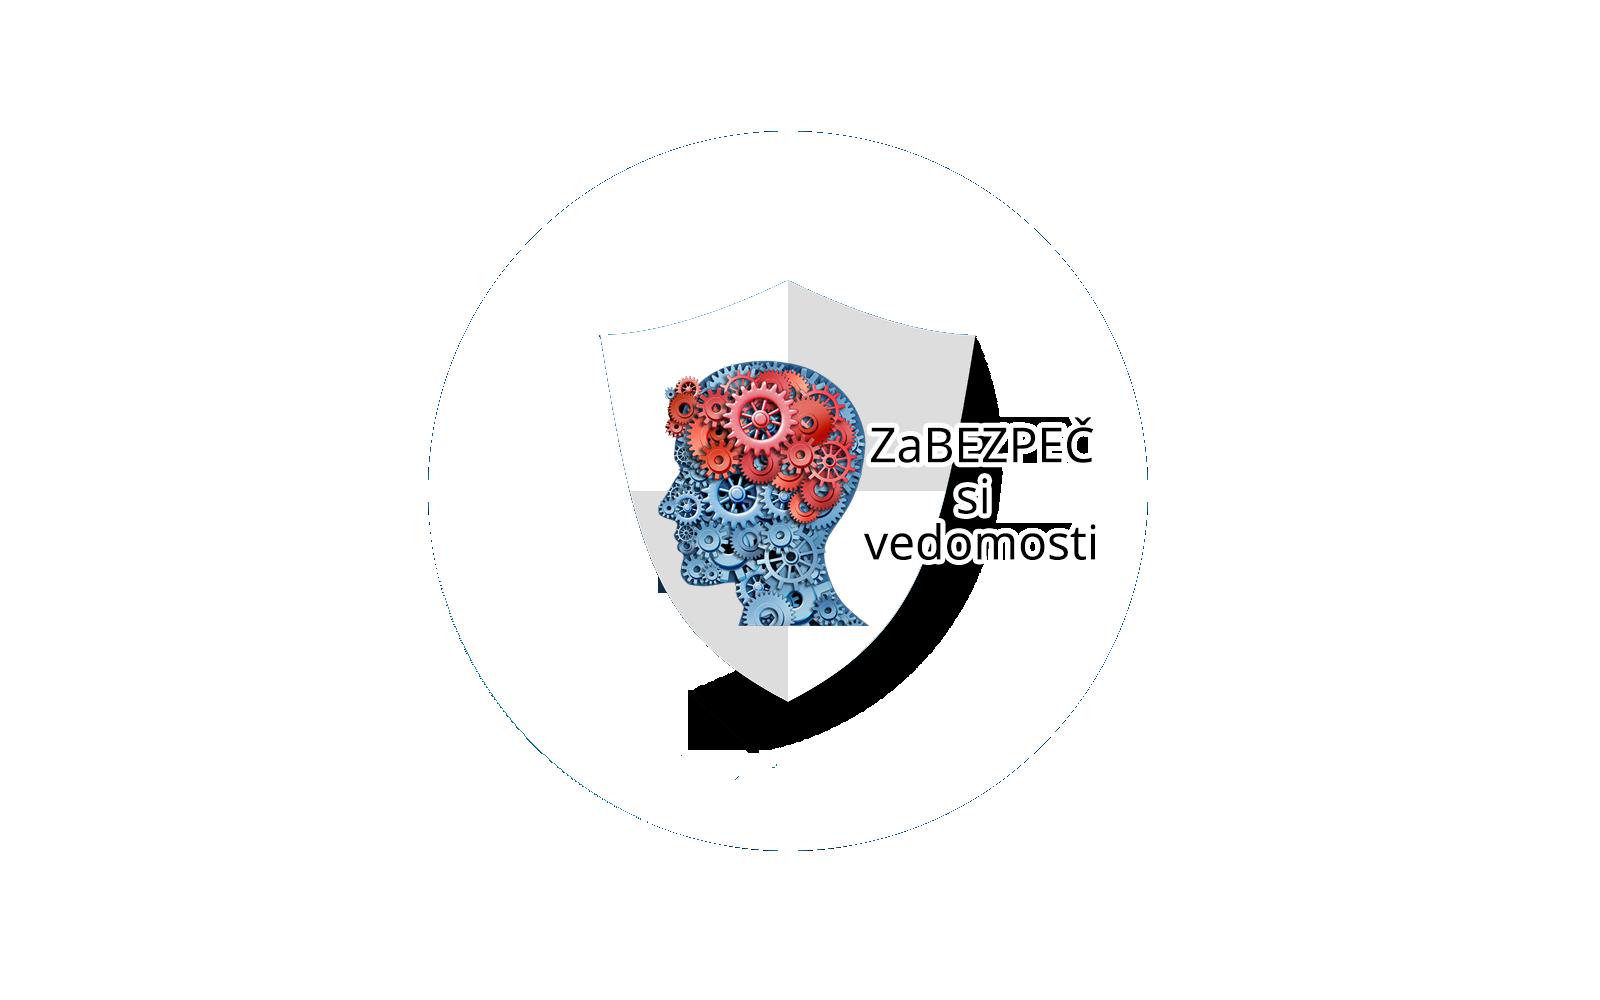 logo zabezpec (1)